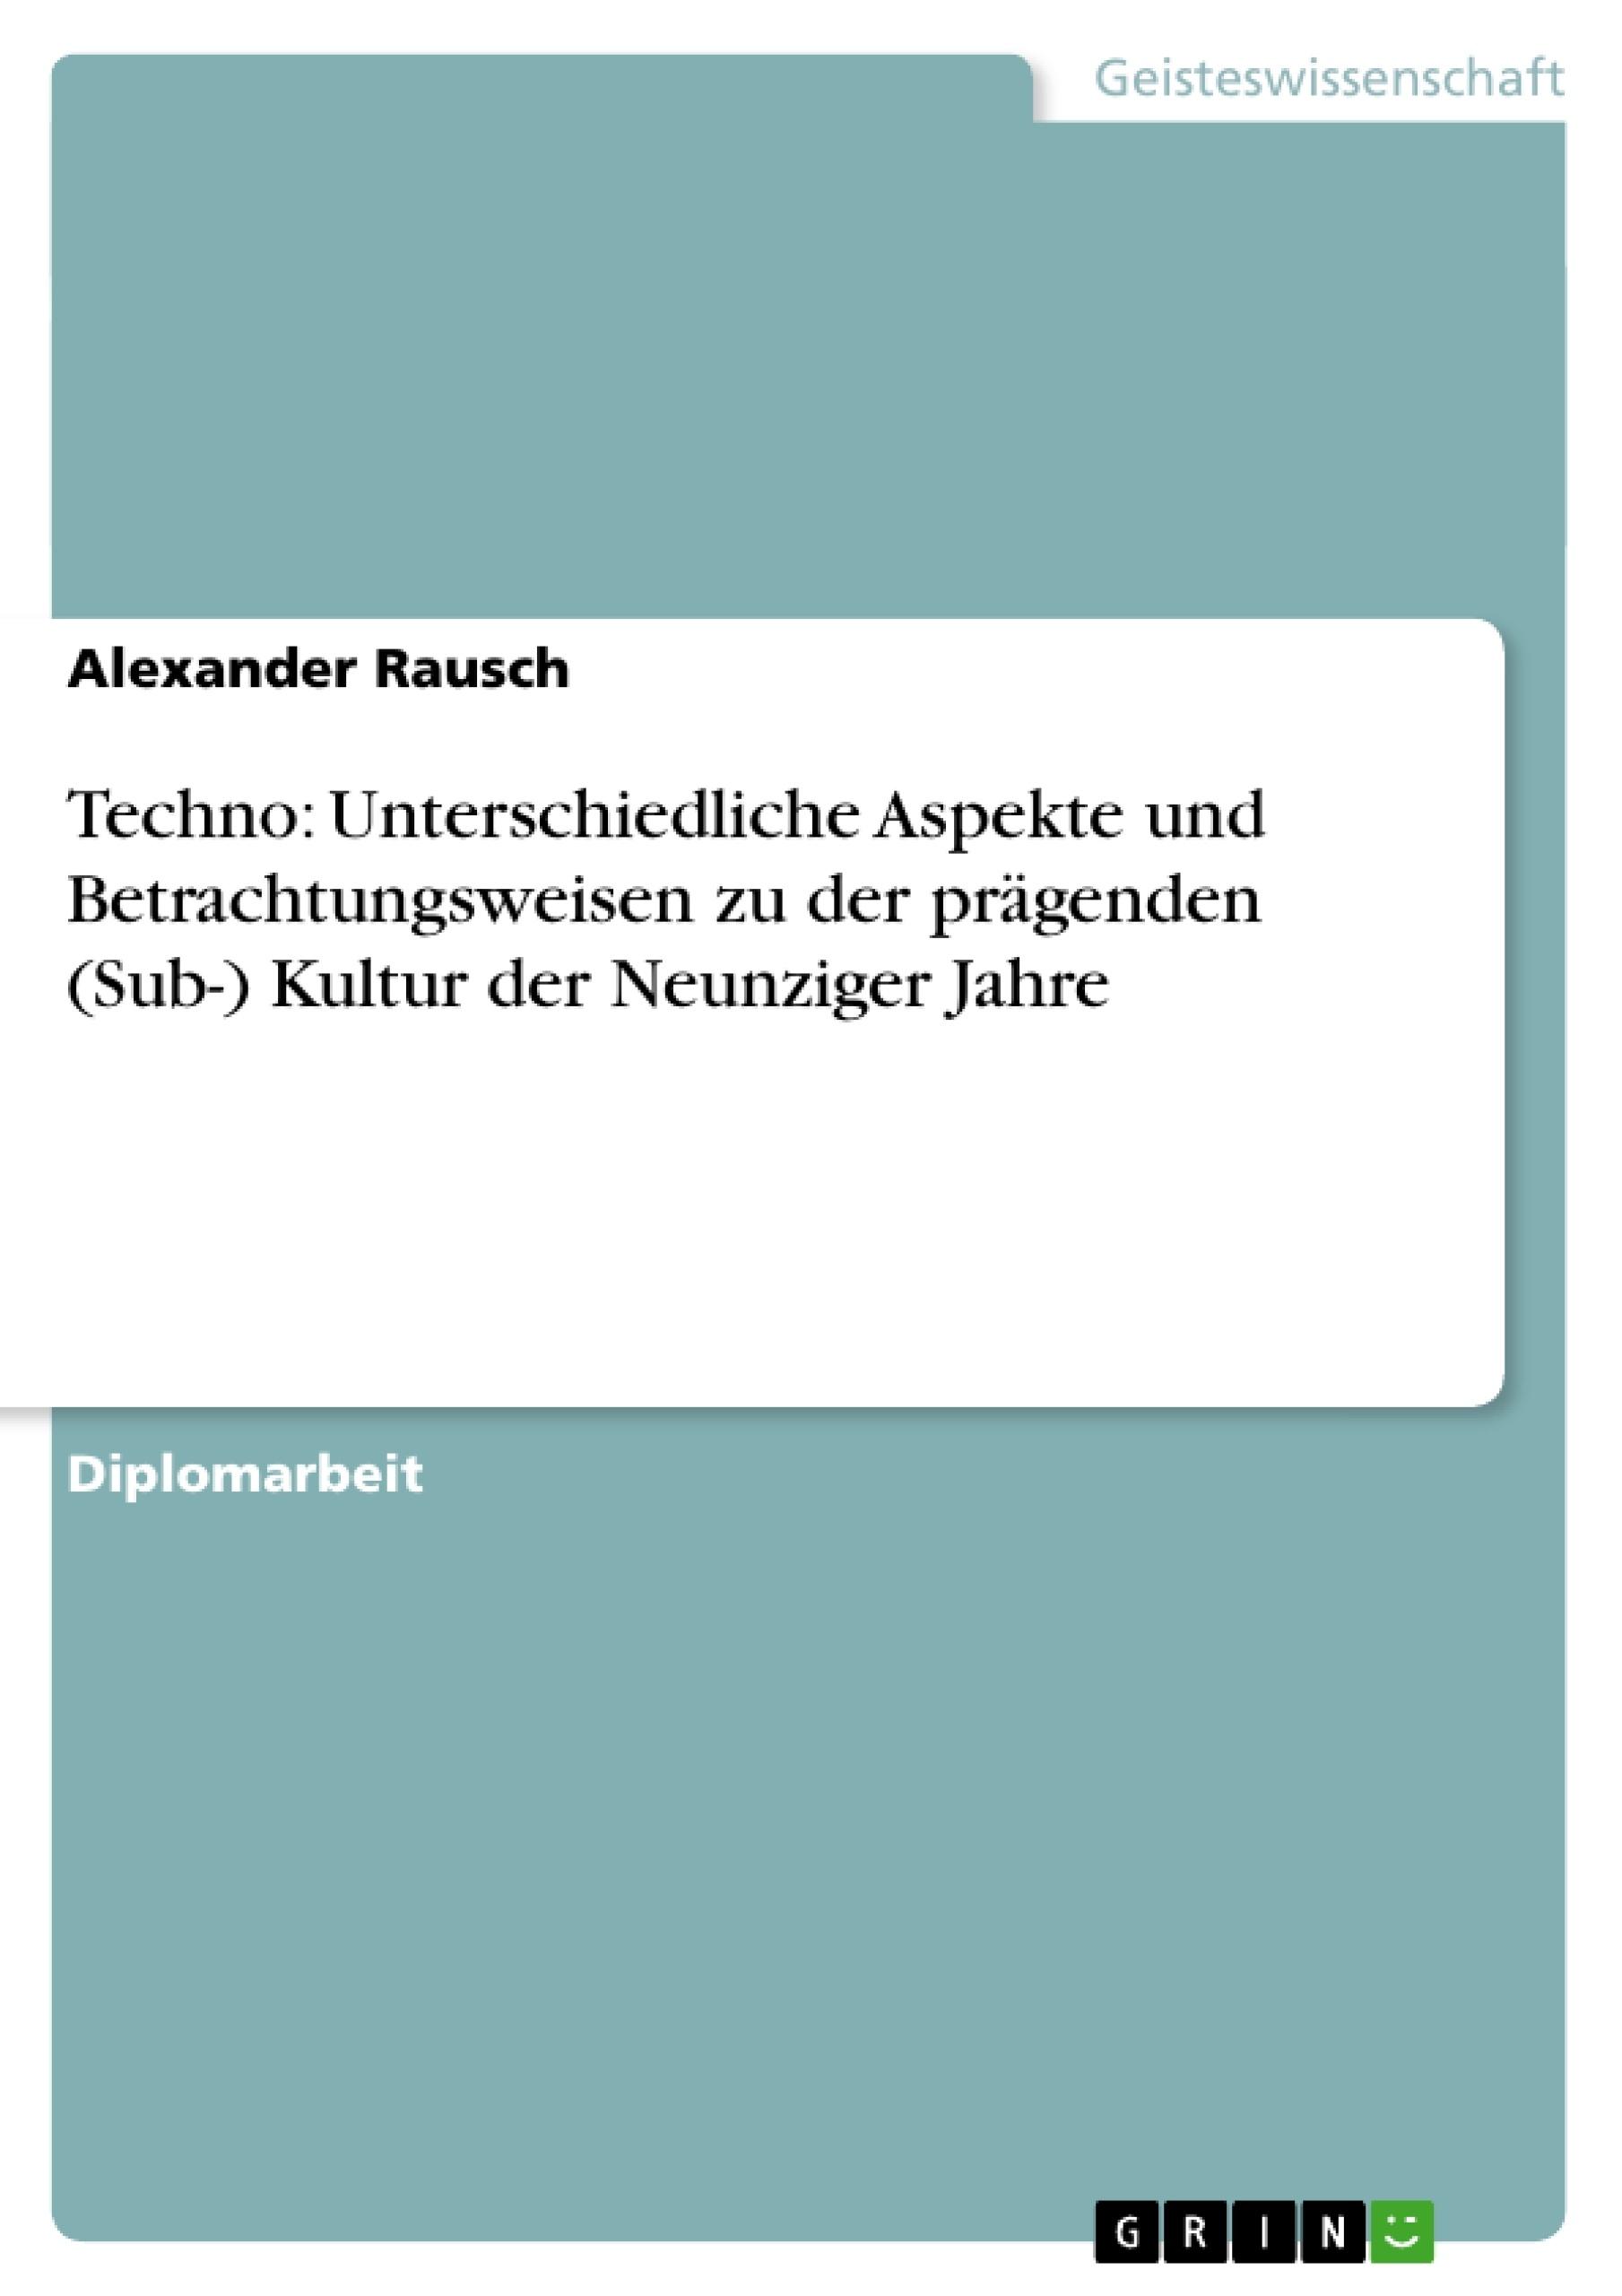 Titel: Techno: Unterschiedliche Aspekte und Betrachtungsweisen zu der prägenden (Sub-) Kultur der Neunziger Jahre